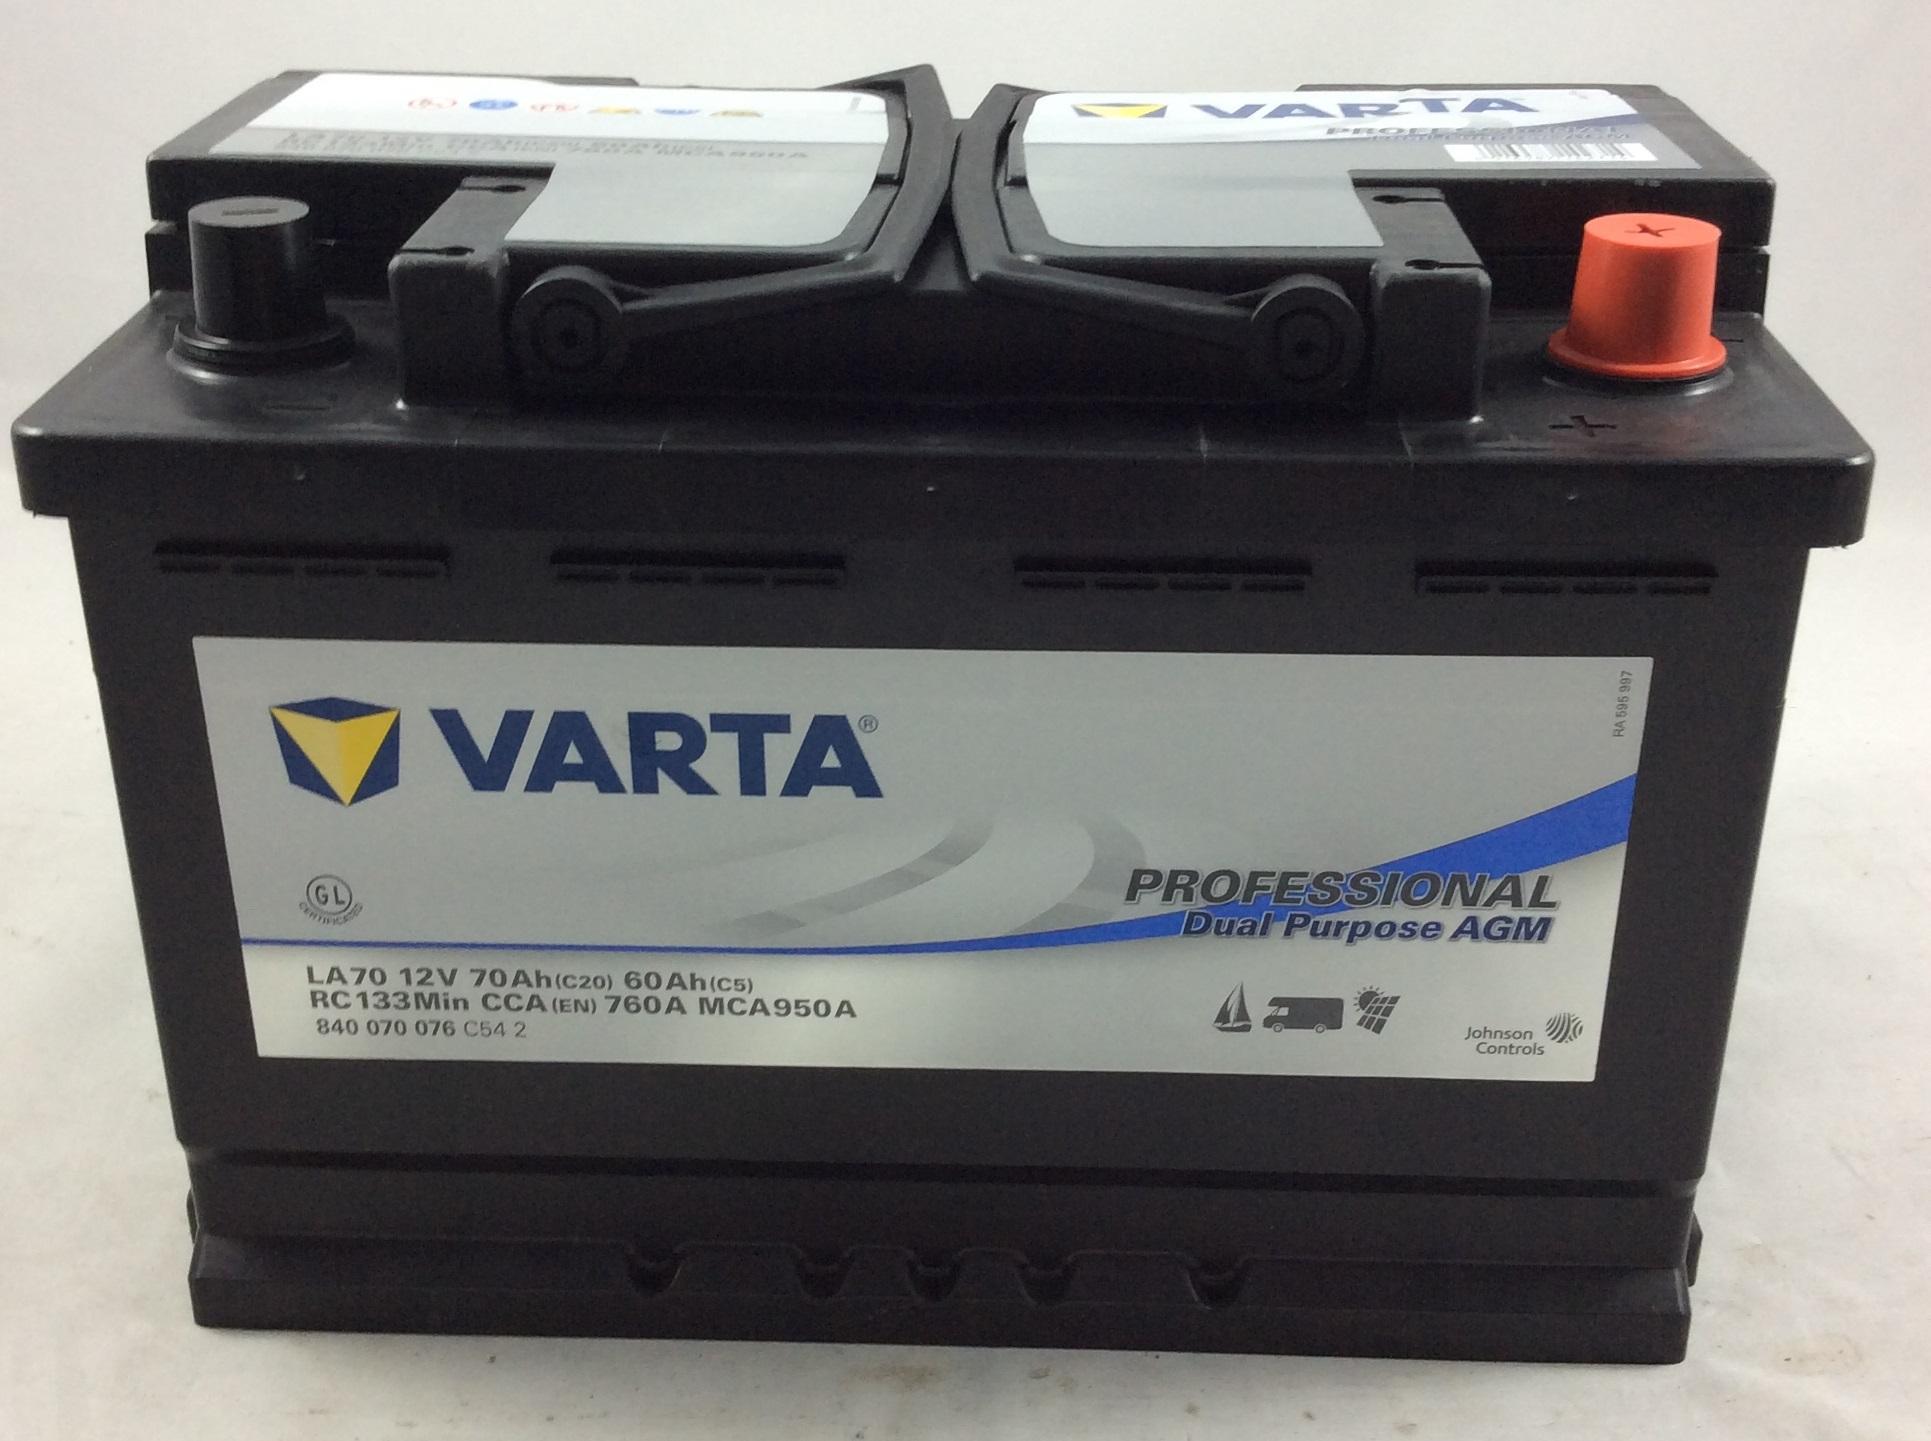 BATTERIA VARTA PROFESSIONAL 12V 70AH 760A(EN) LA70